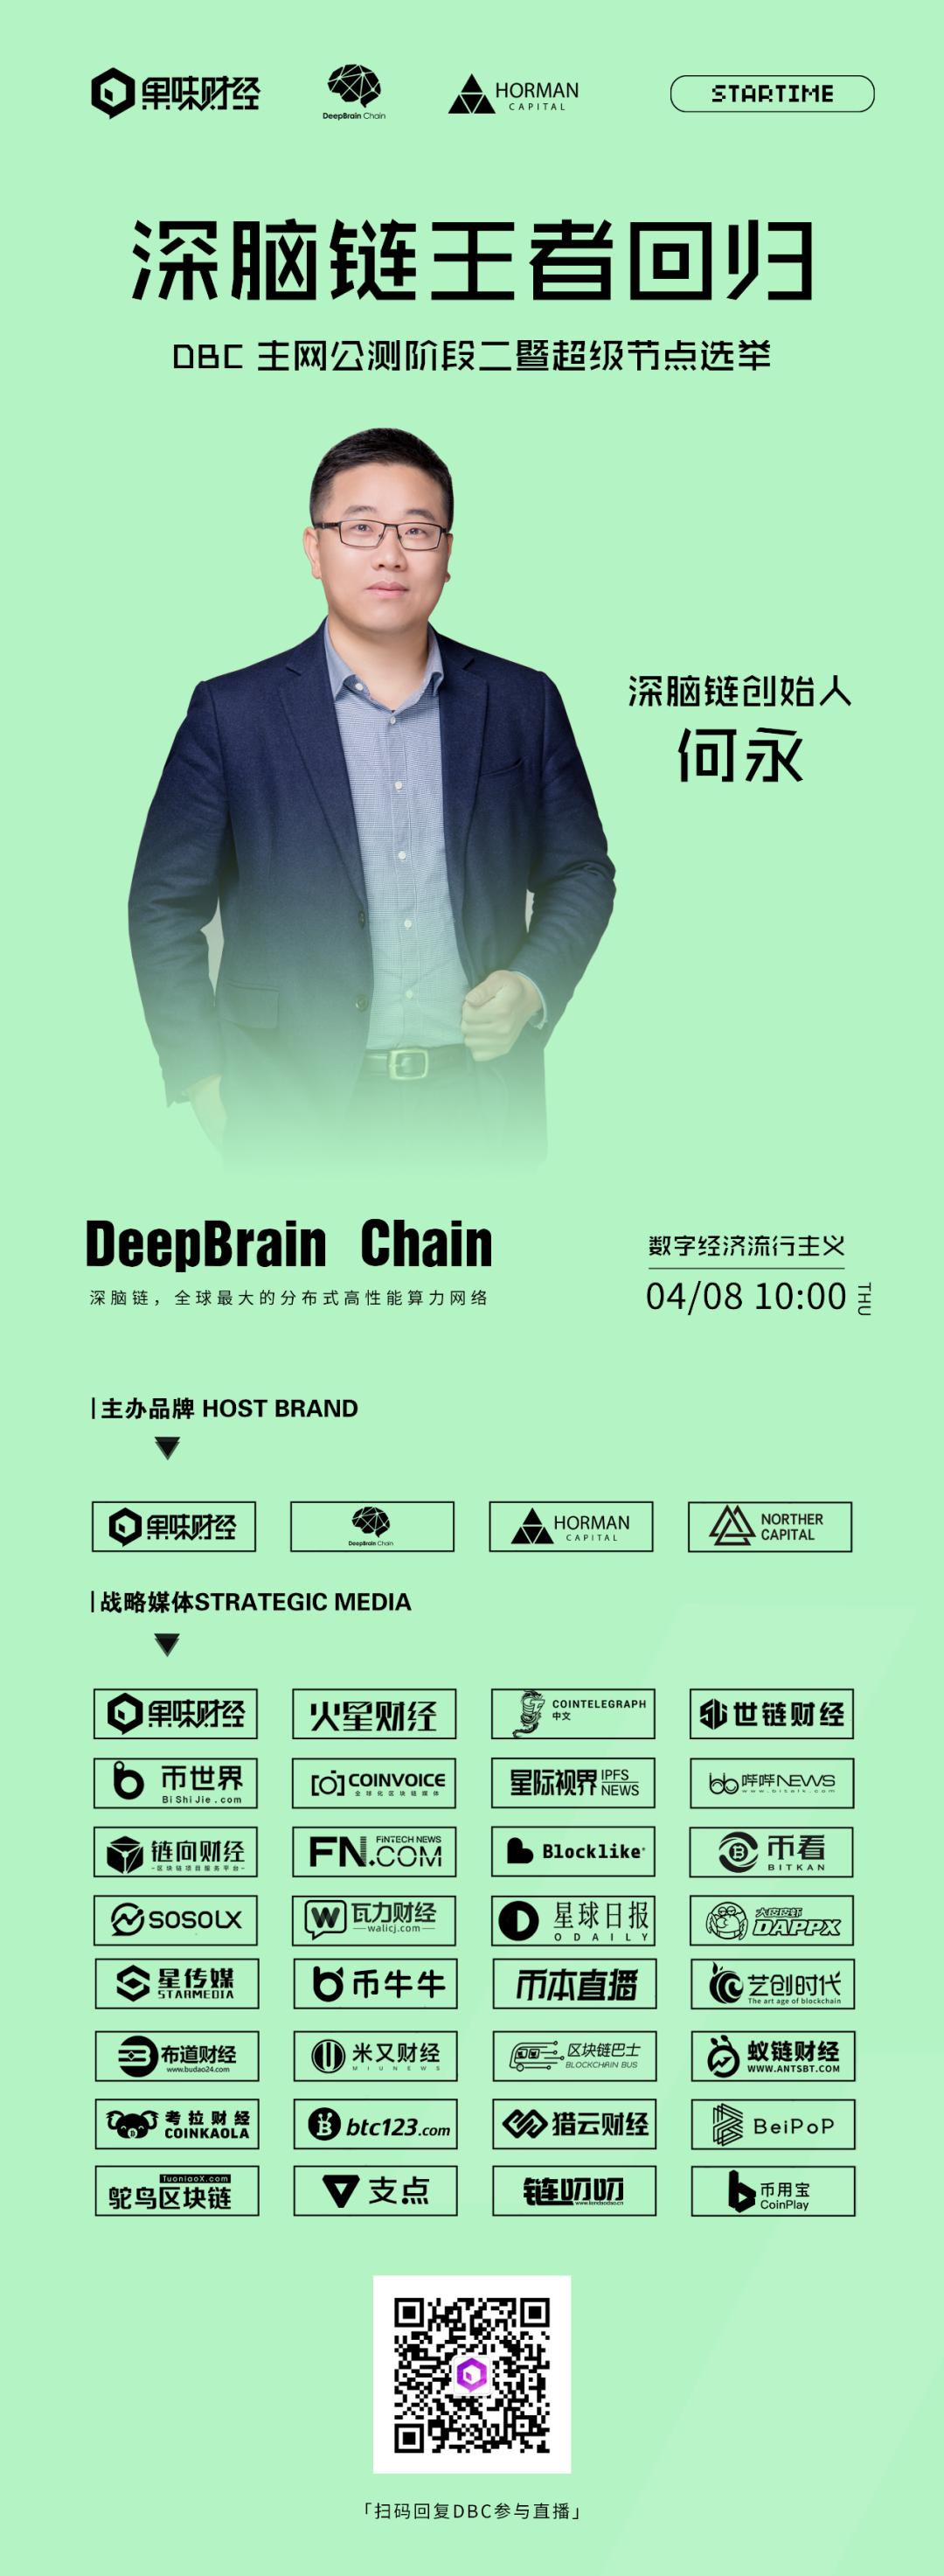 深脑链创始人何永:月营收上千万,2万的AI开发者用户和百家企业客户